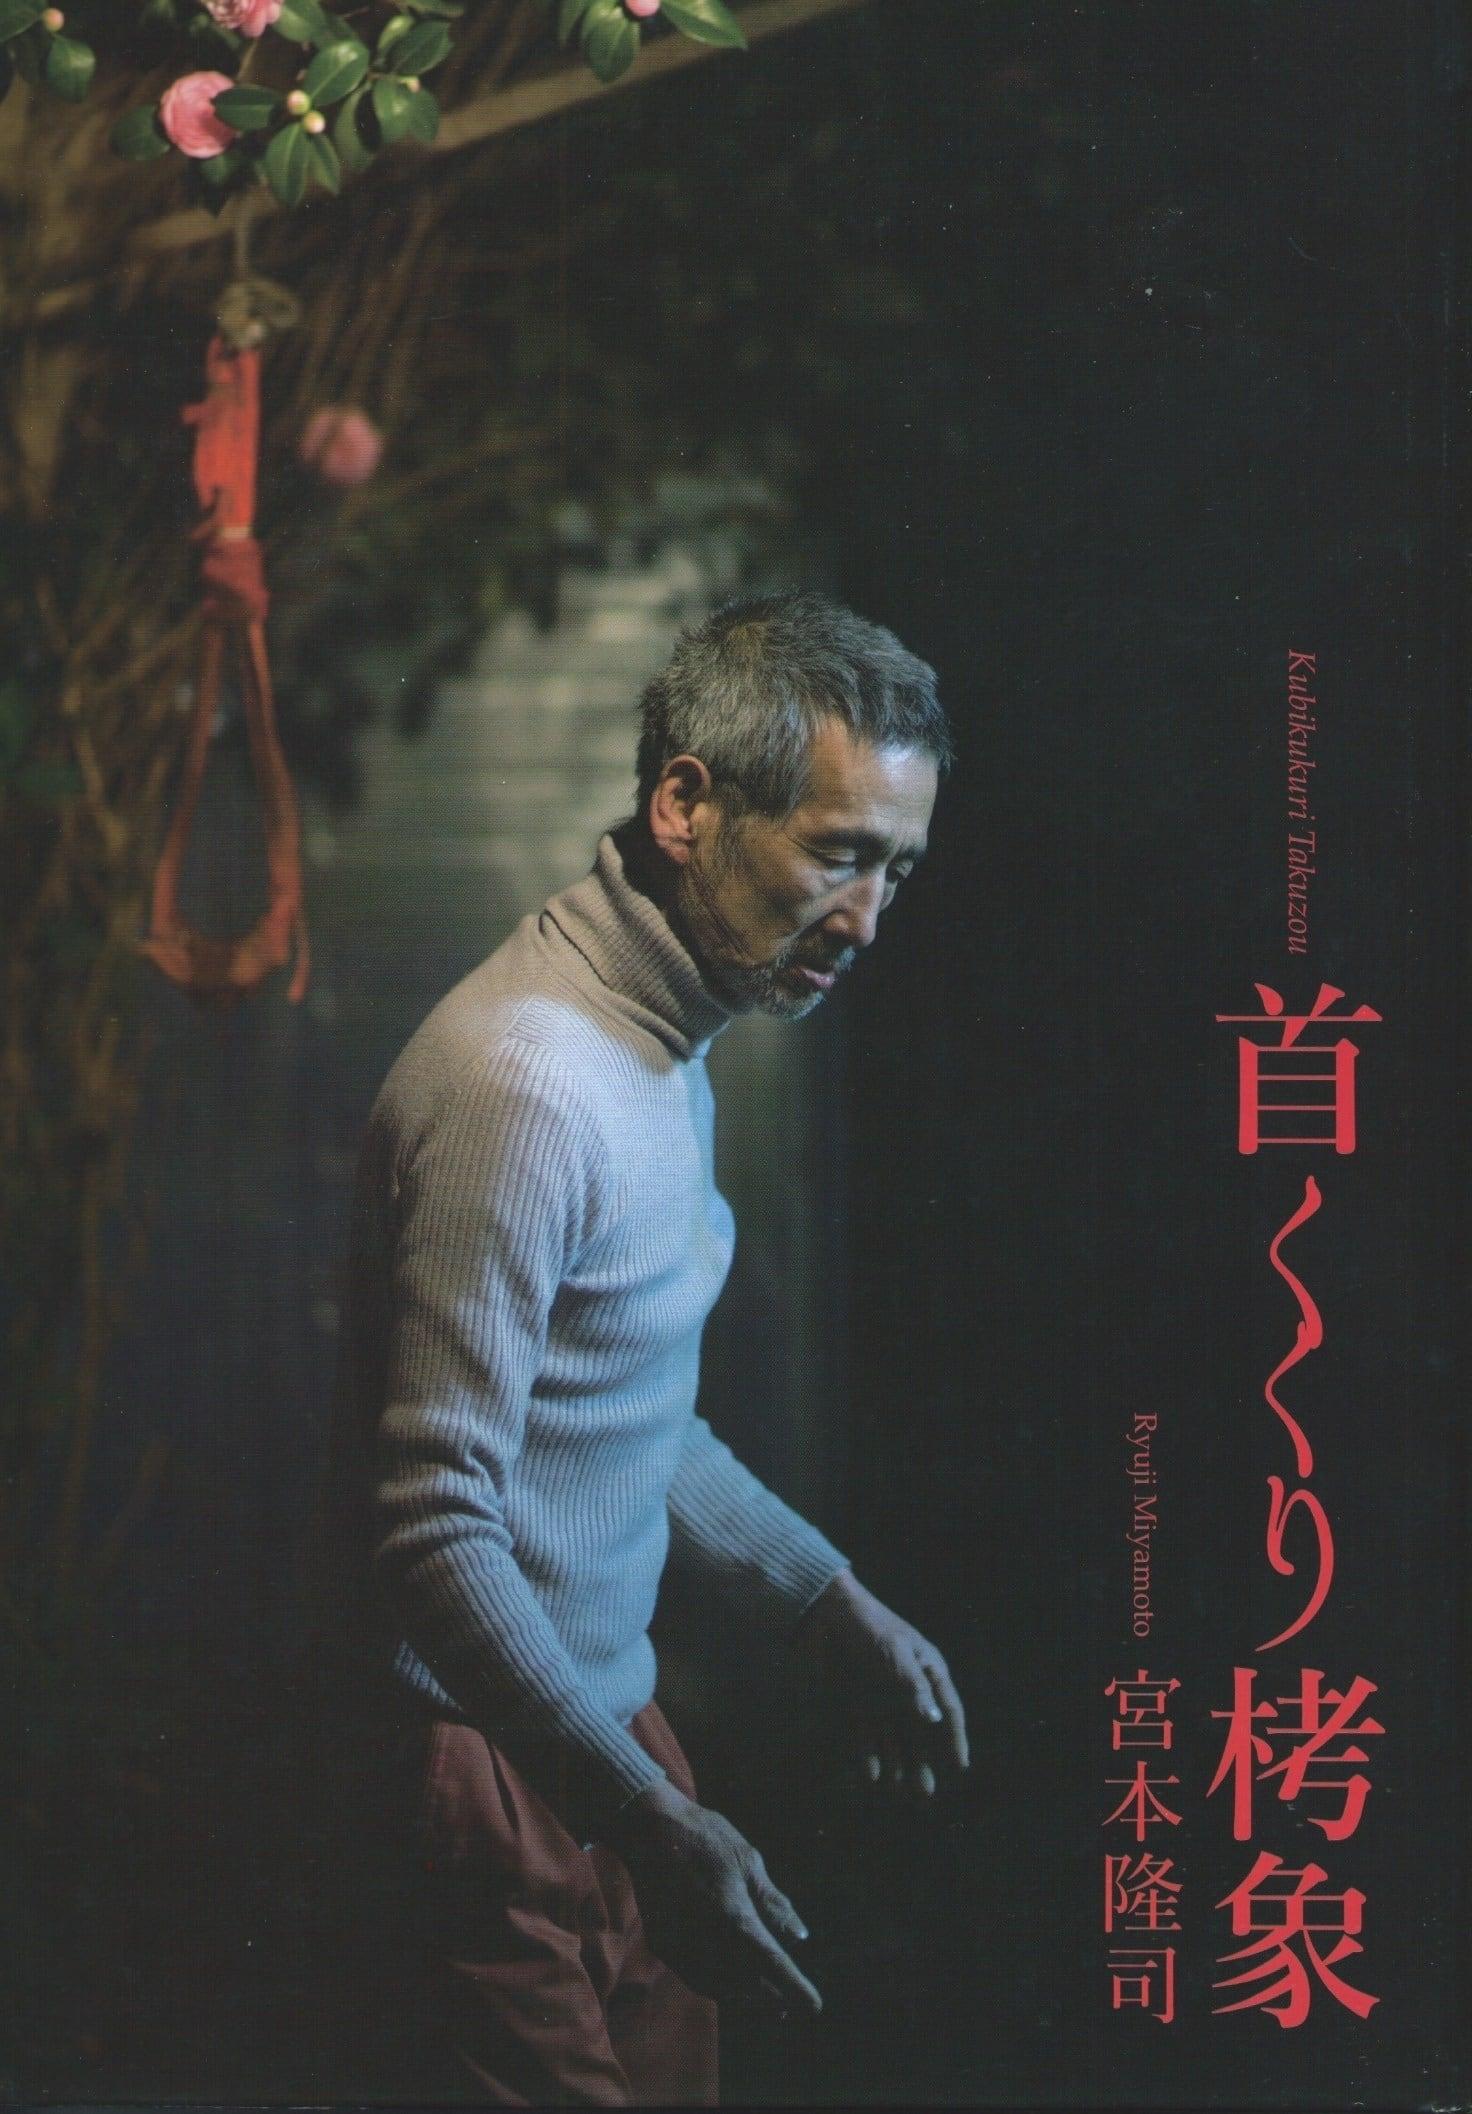 首くくり栲象 / 宮本隆司写真集